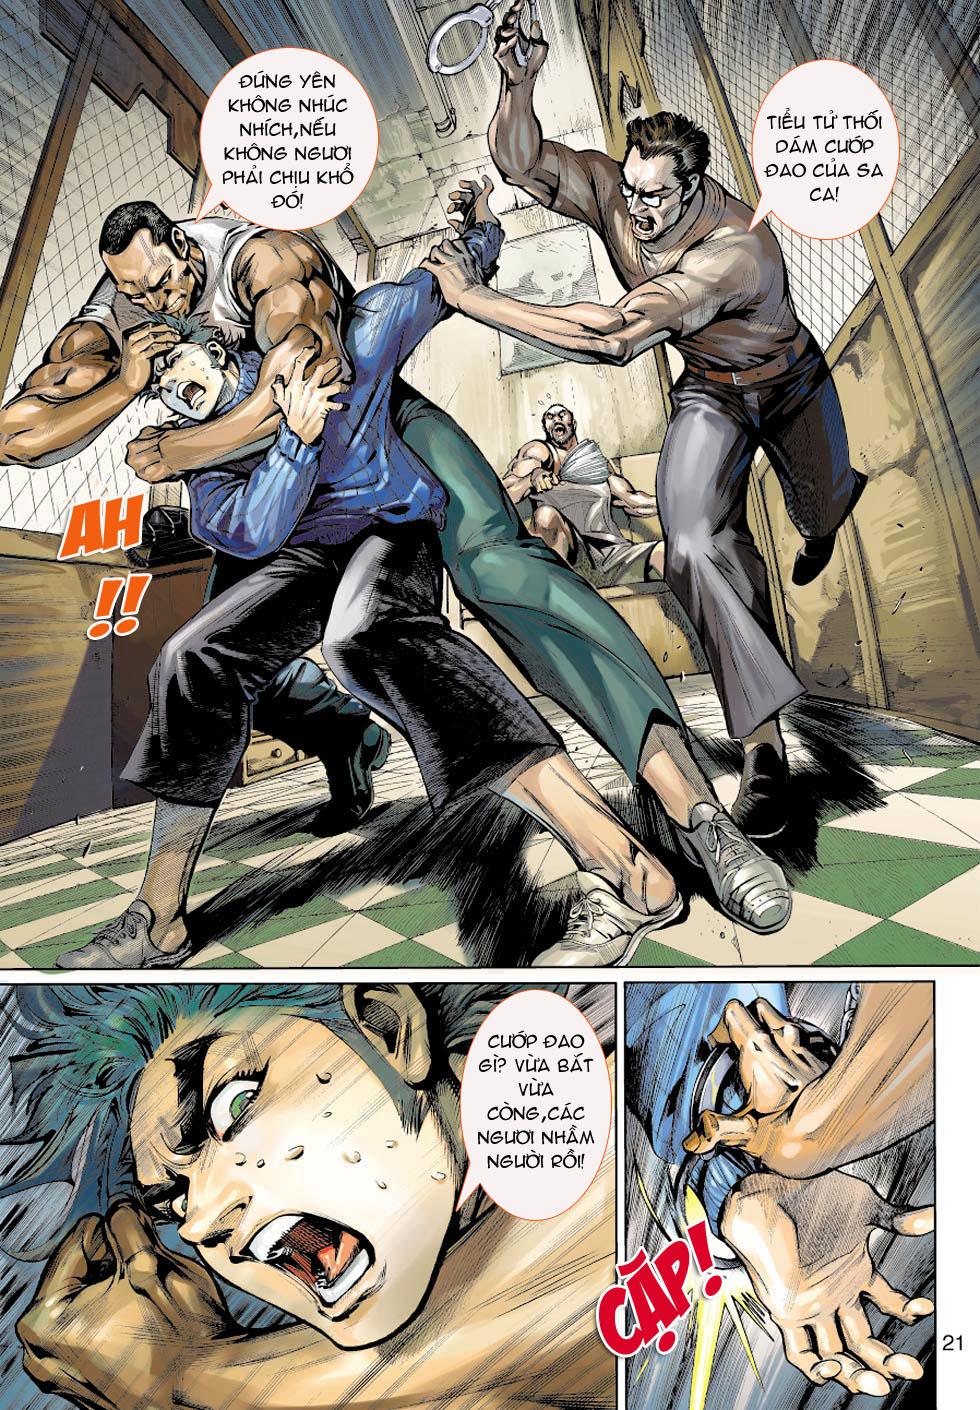 Thần Binh 4 chap 5 - Trang 21